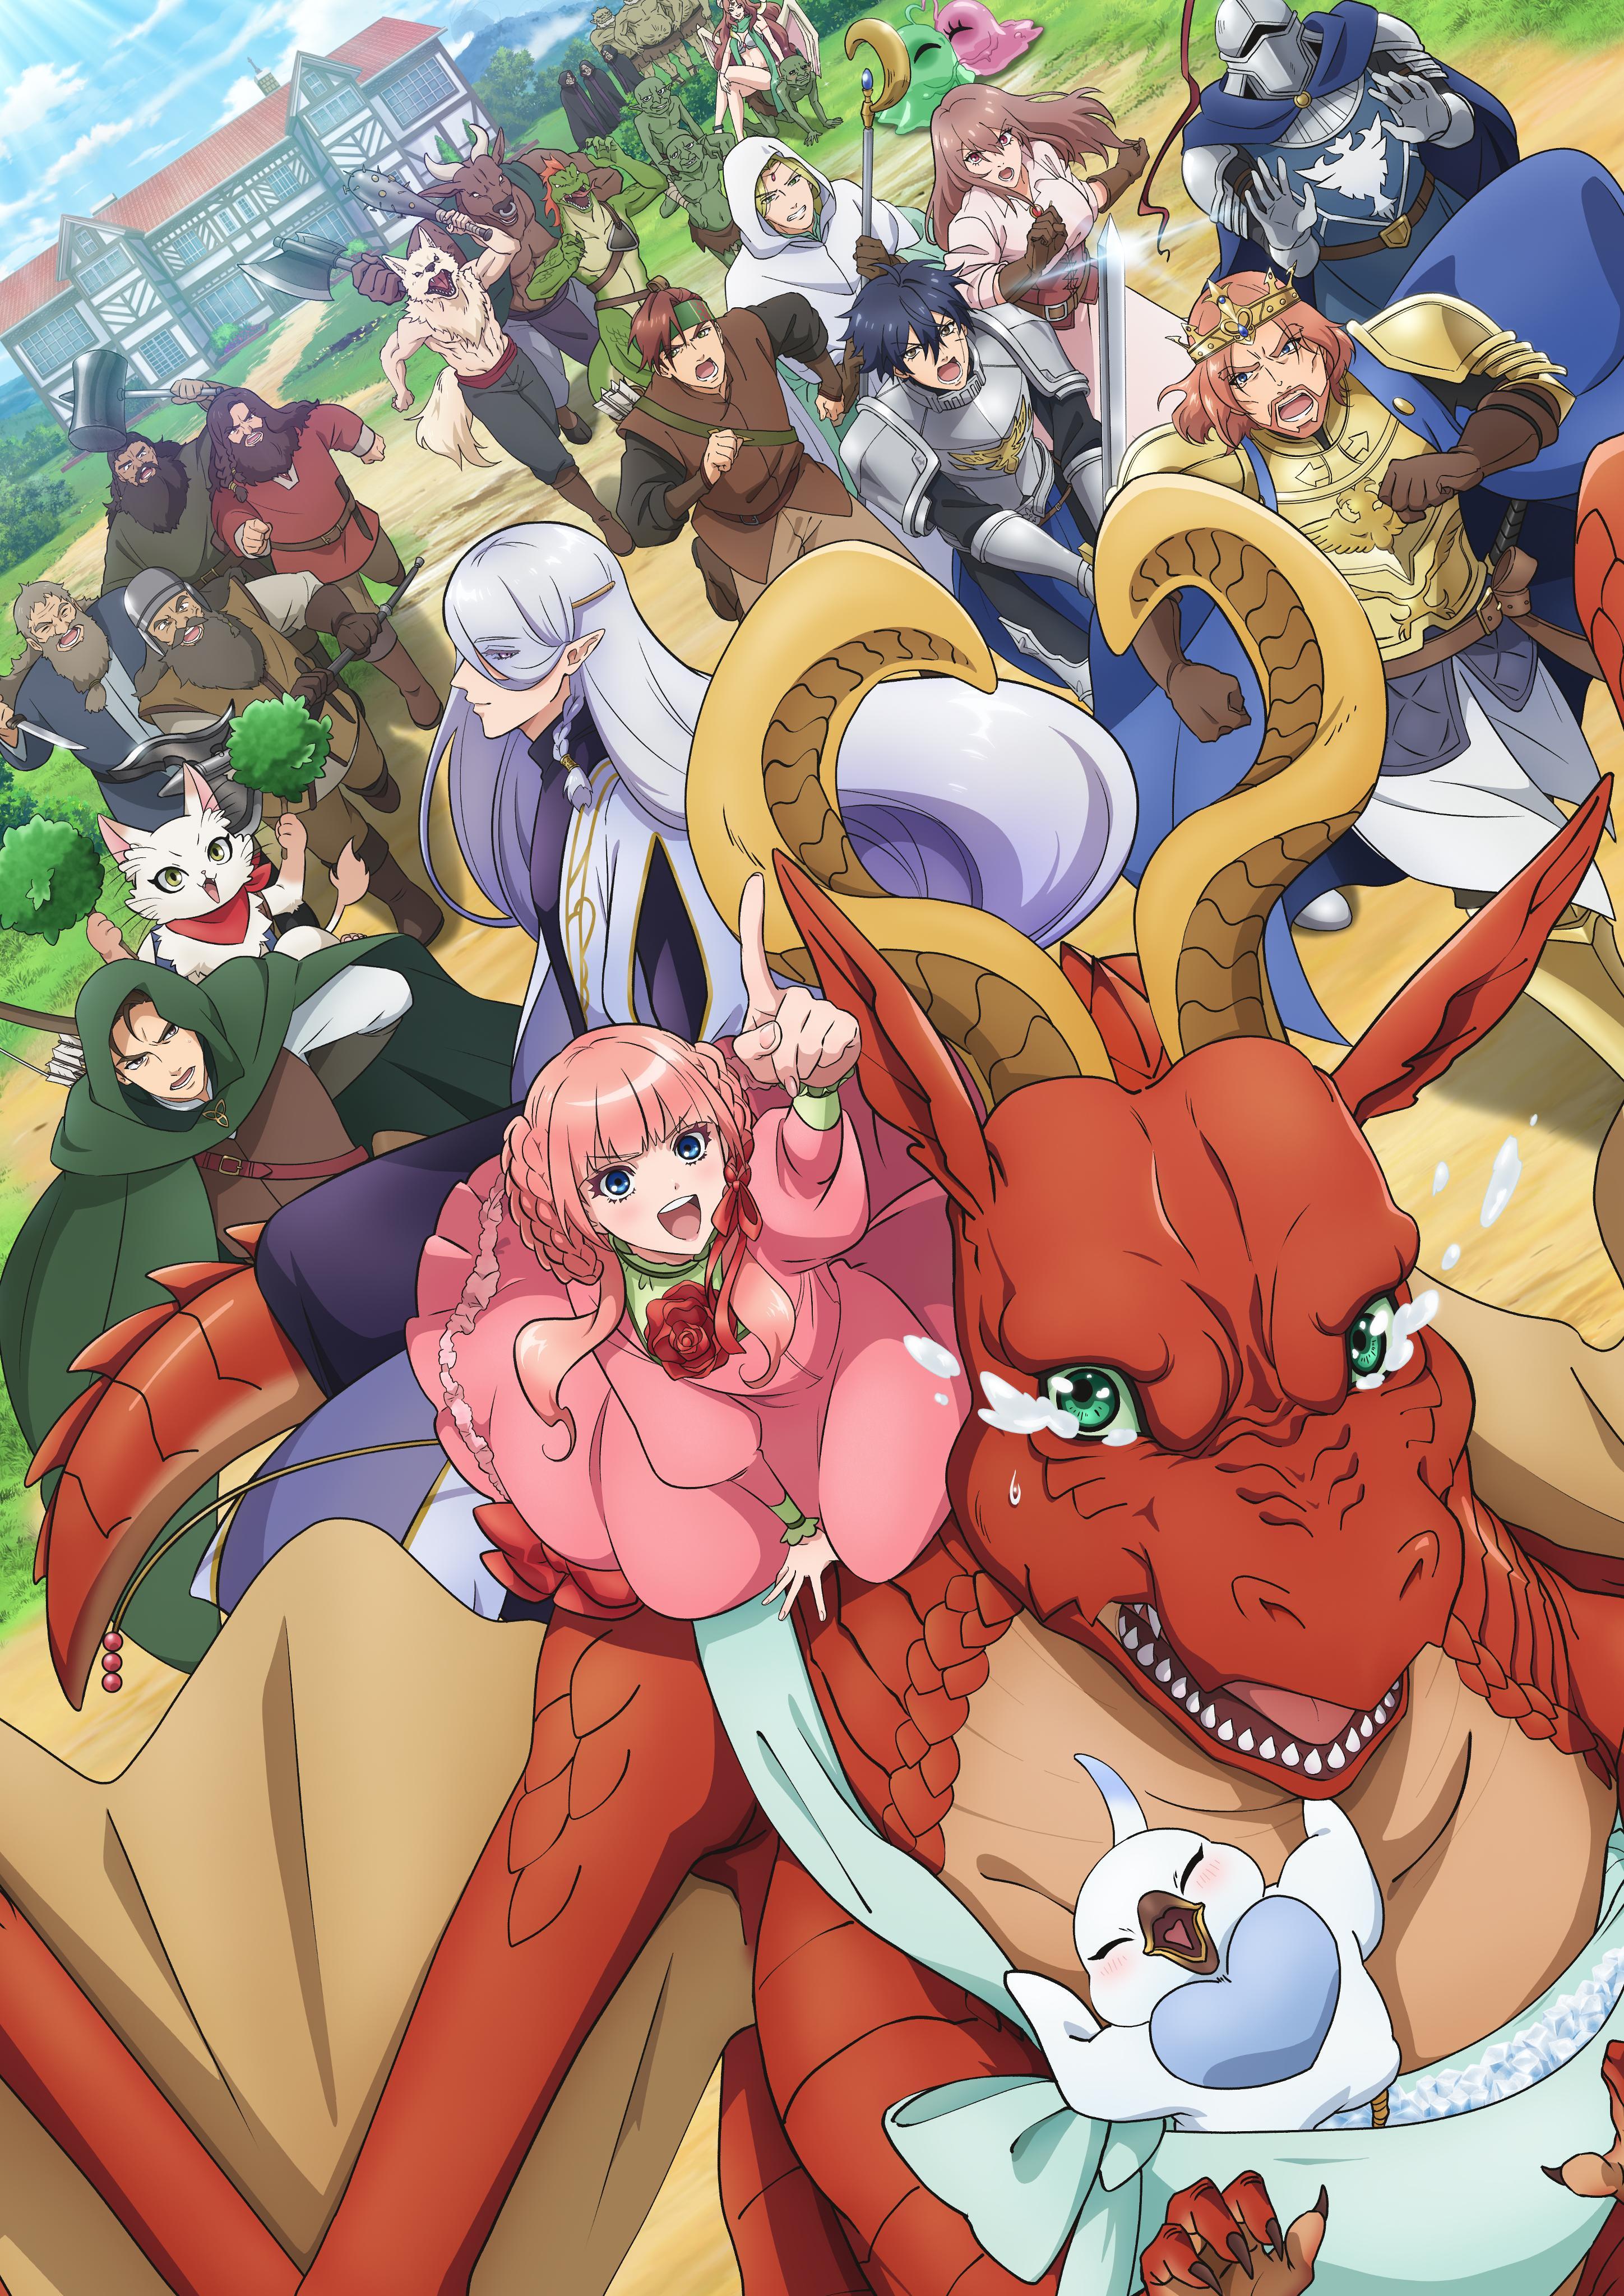 Ew70IpsXMAc7vR1?format=jpg&name=4096x4096 - Novos animes da temporada de primavera são confirmados na Funimation